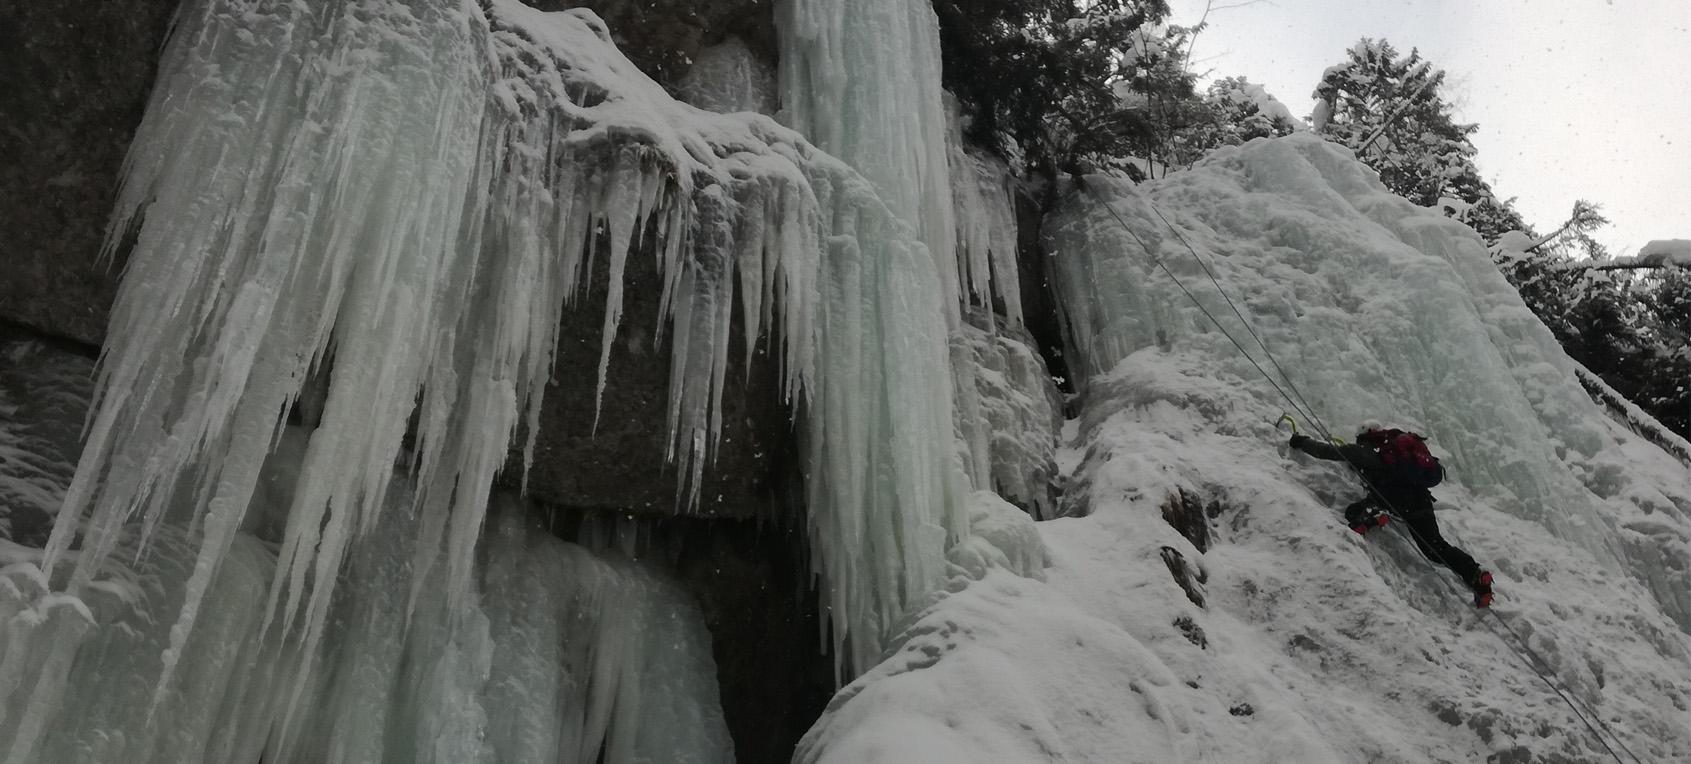 08_ice_hasmas